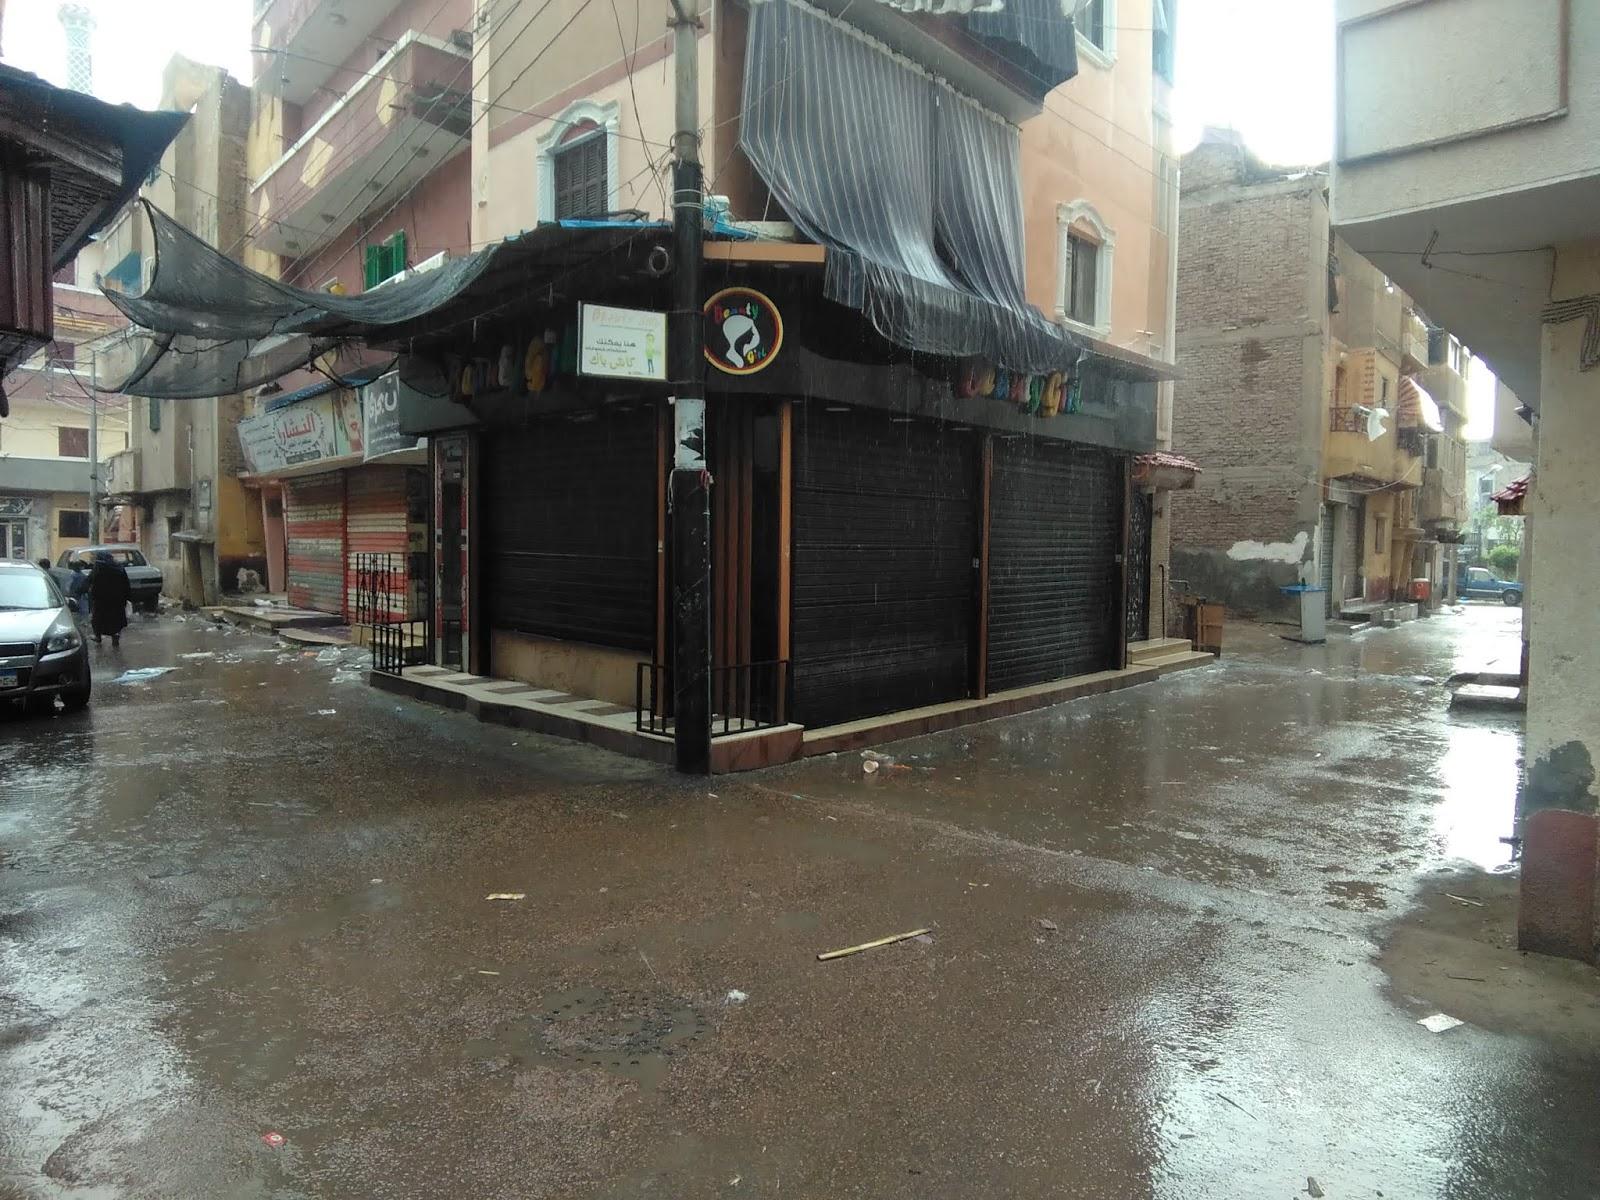 استمرار تساقط الأمطار على مركز ومدينة كوم حمادة منذ الصباح الباكر